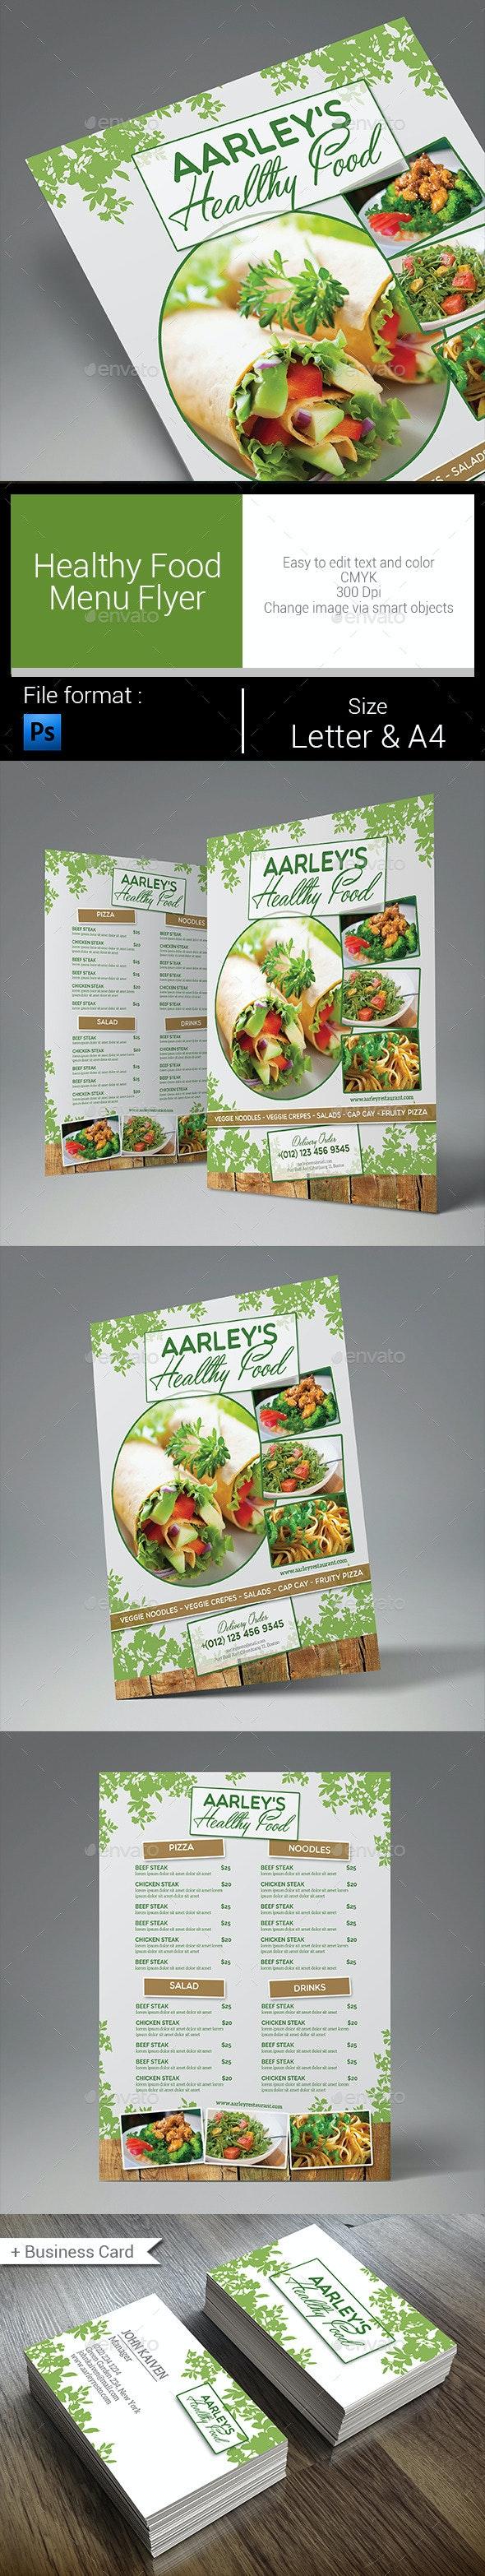 Healthy Food Menu Flyer